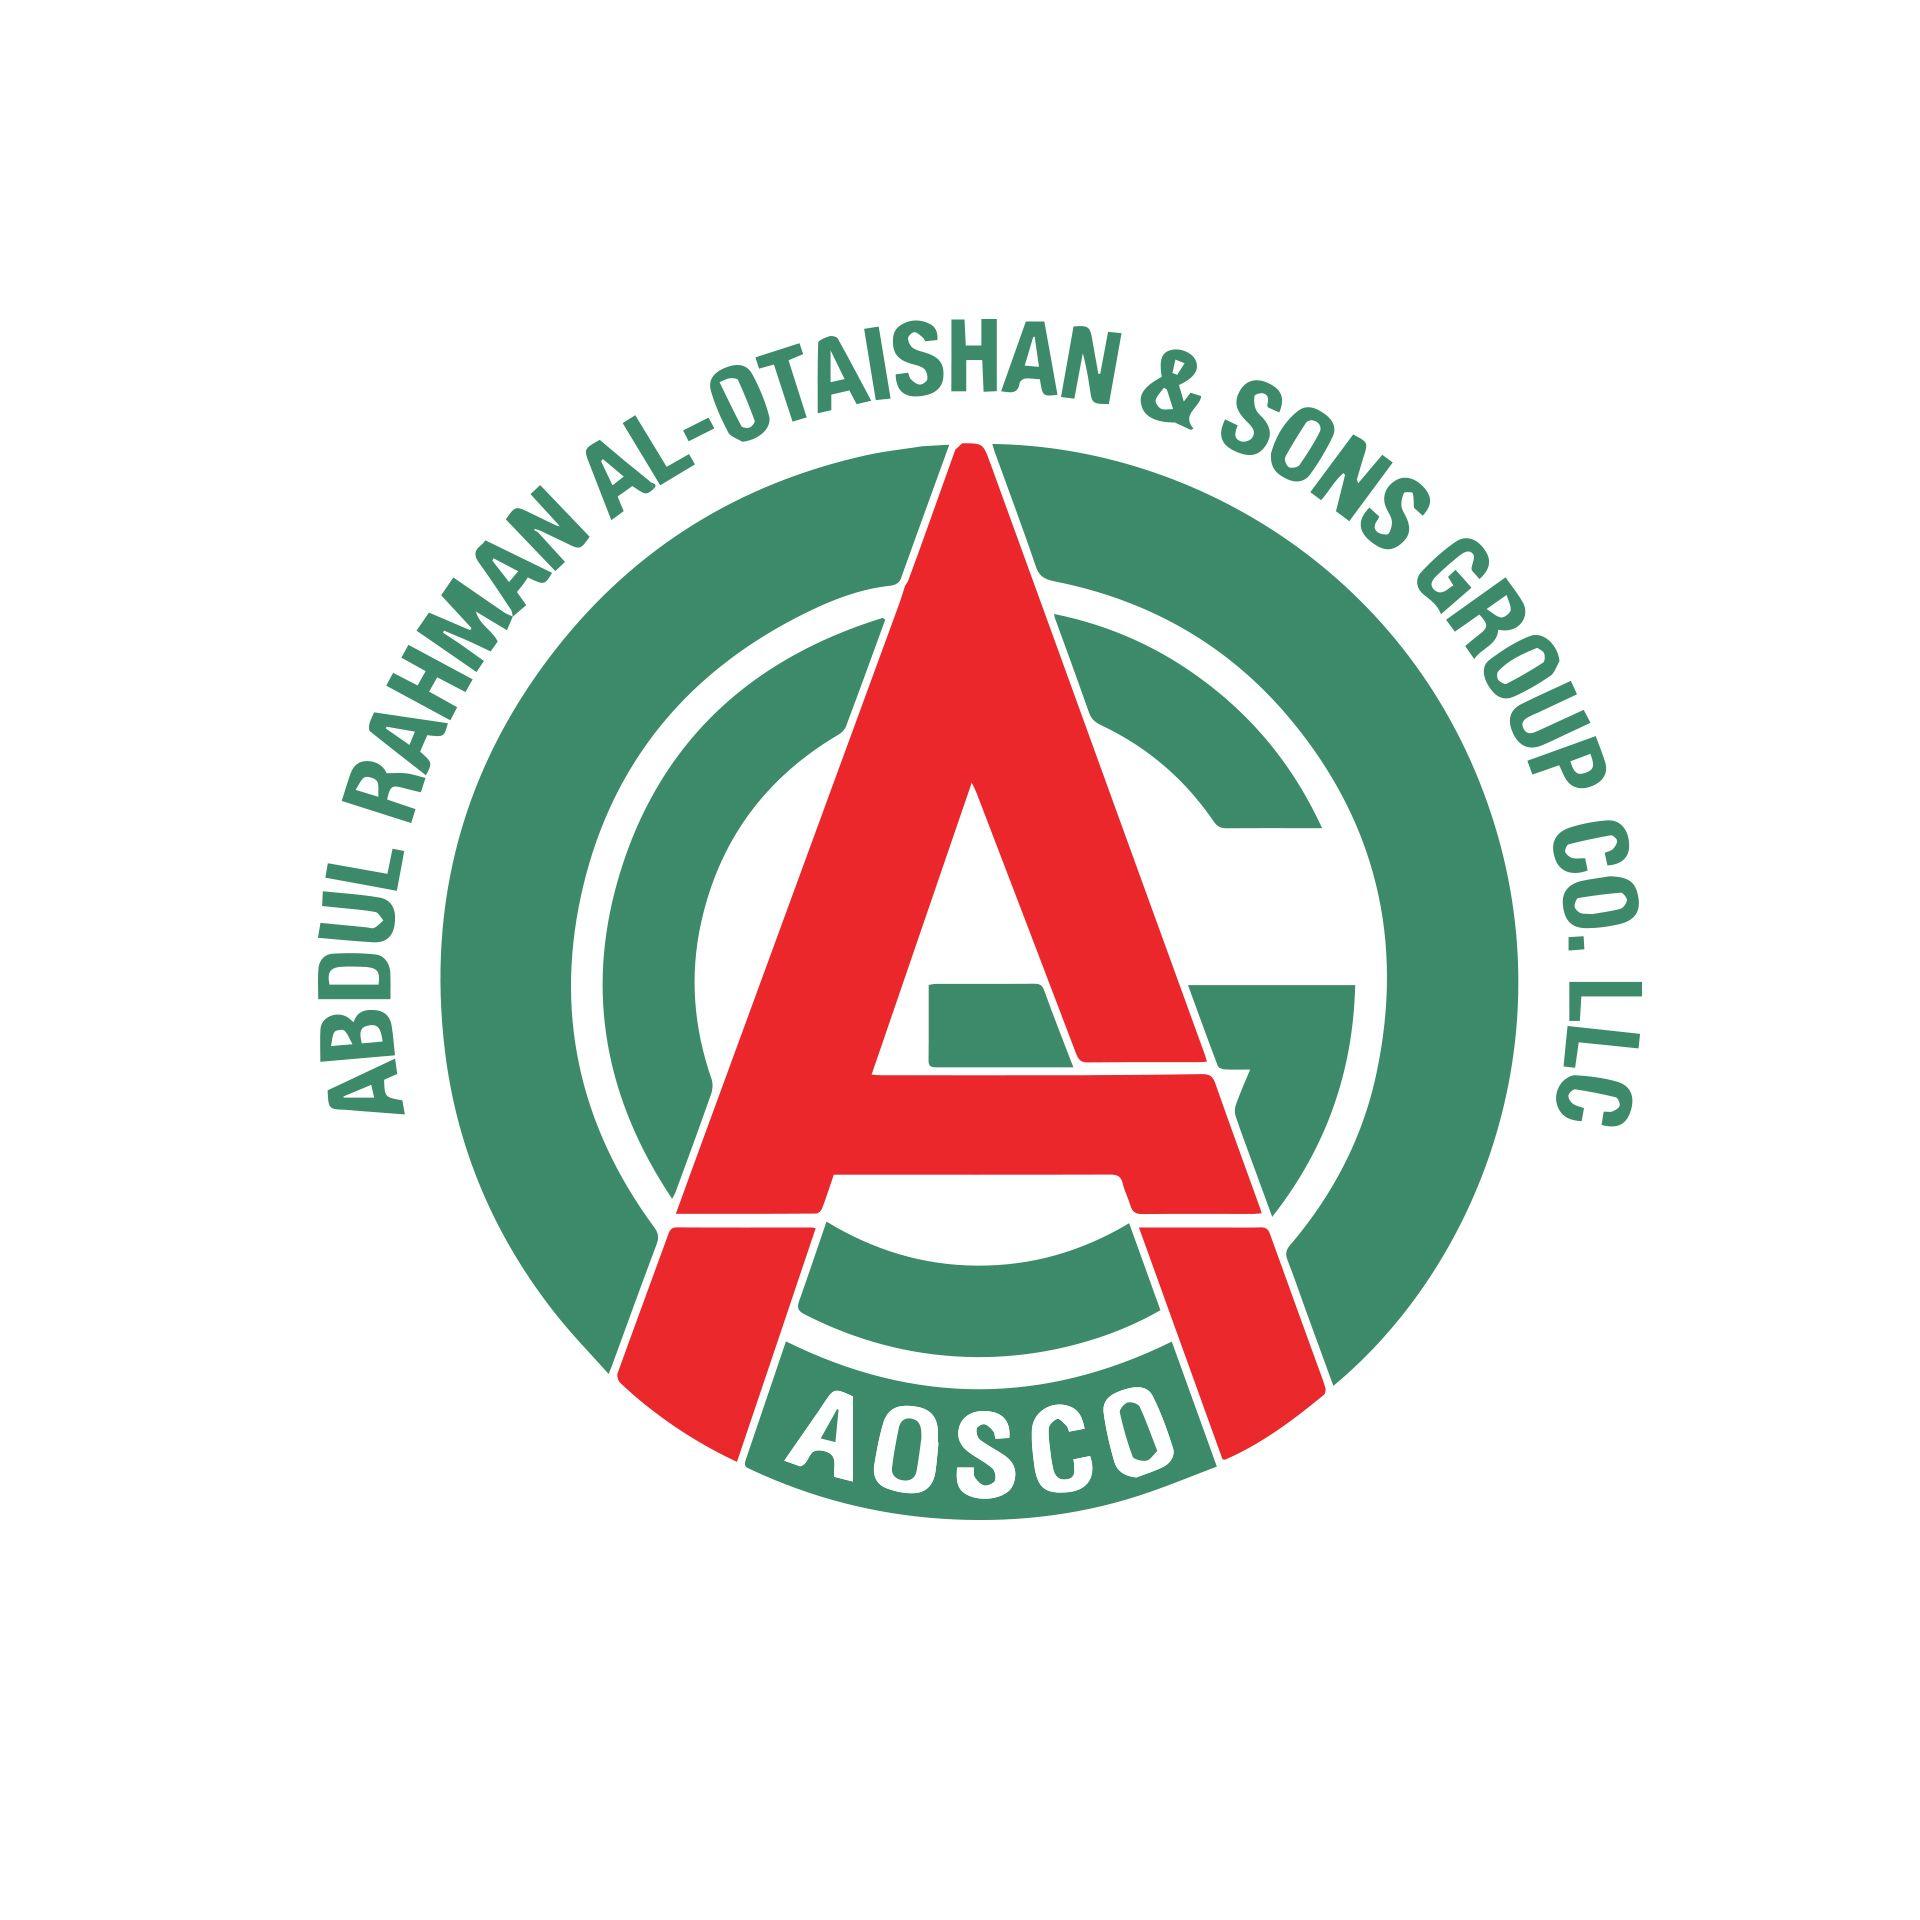 Abdul Rahman Al-Otaishan & Sons Group Co. LLC. (AOSCO)